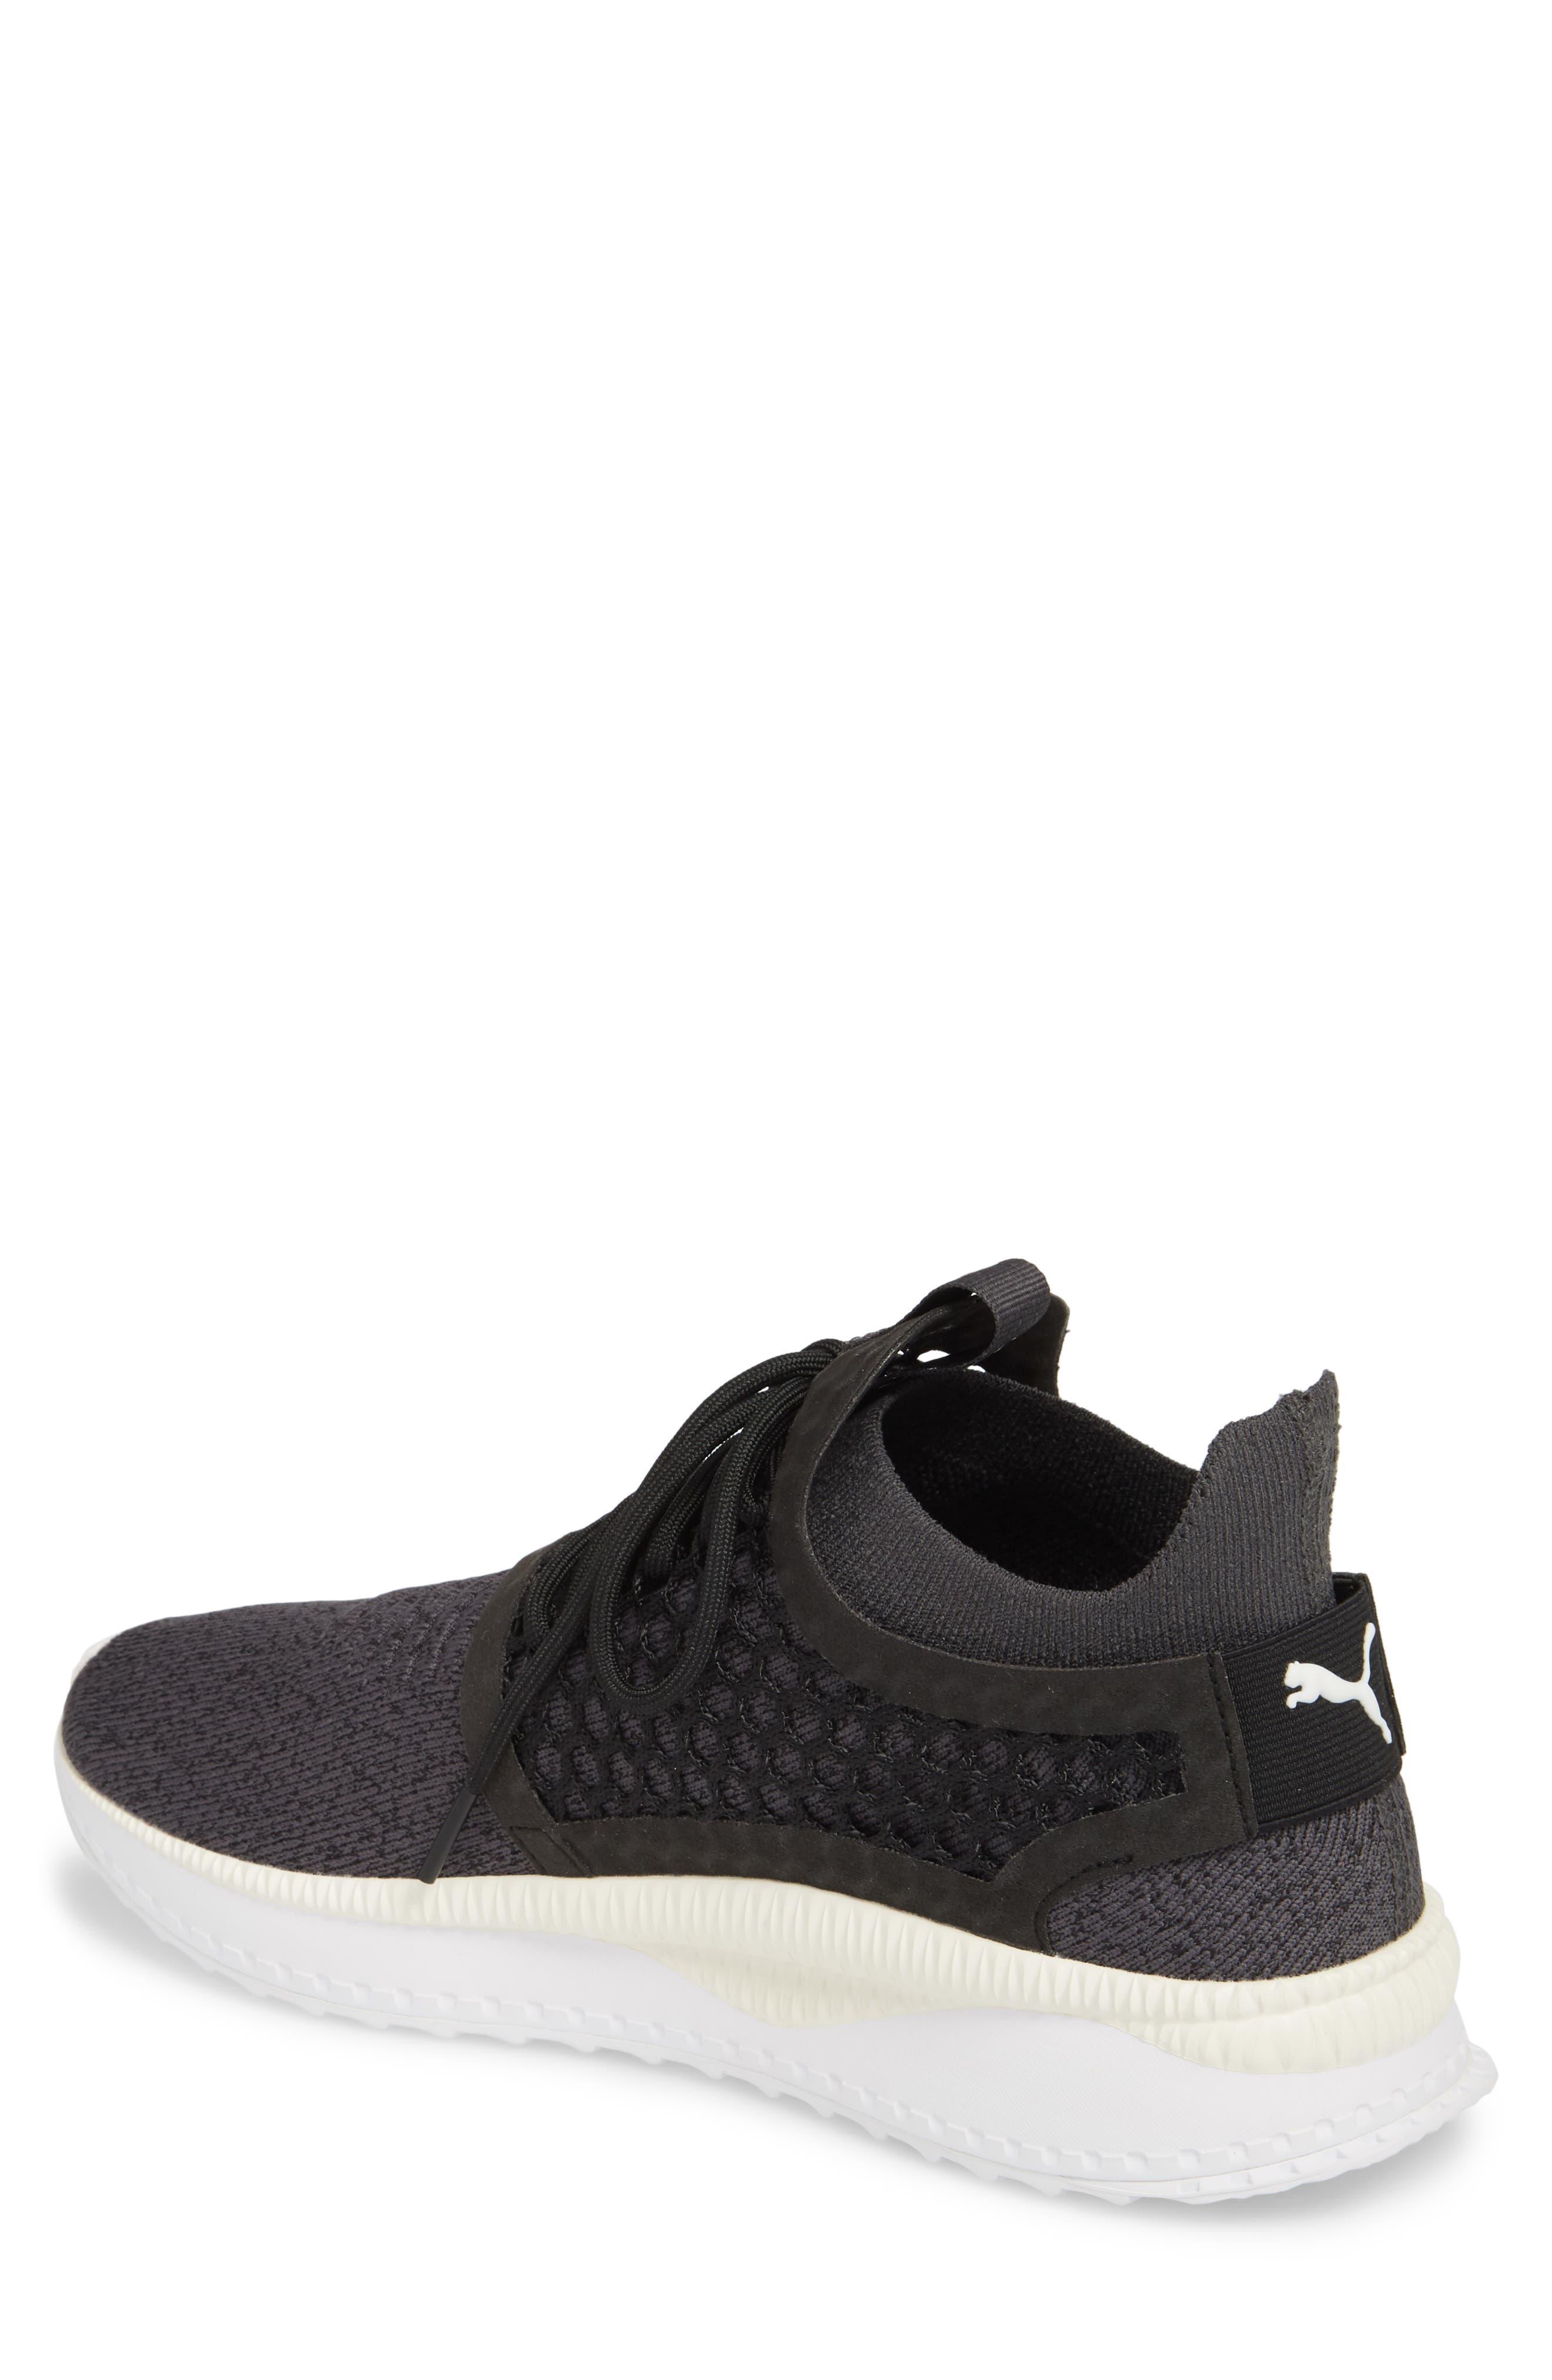 Tsugi Netfit V2 EvoKNIT Sneaker,                             Alternate thumbnail 2, color,                             Black/ Asphalt/ White